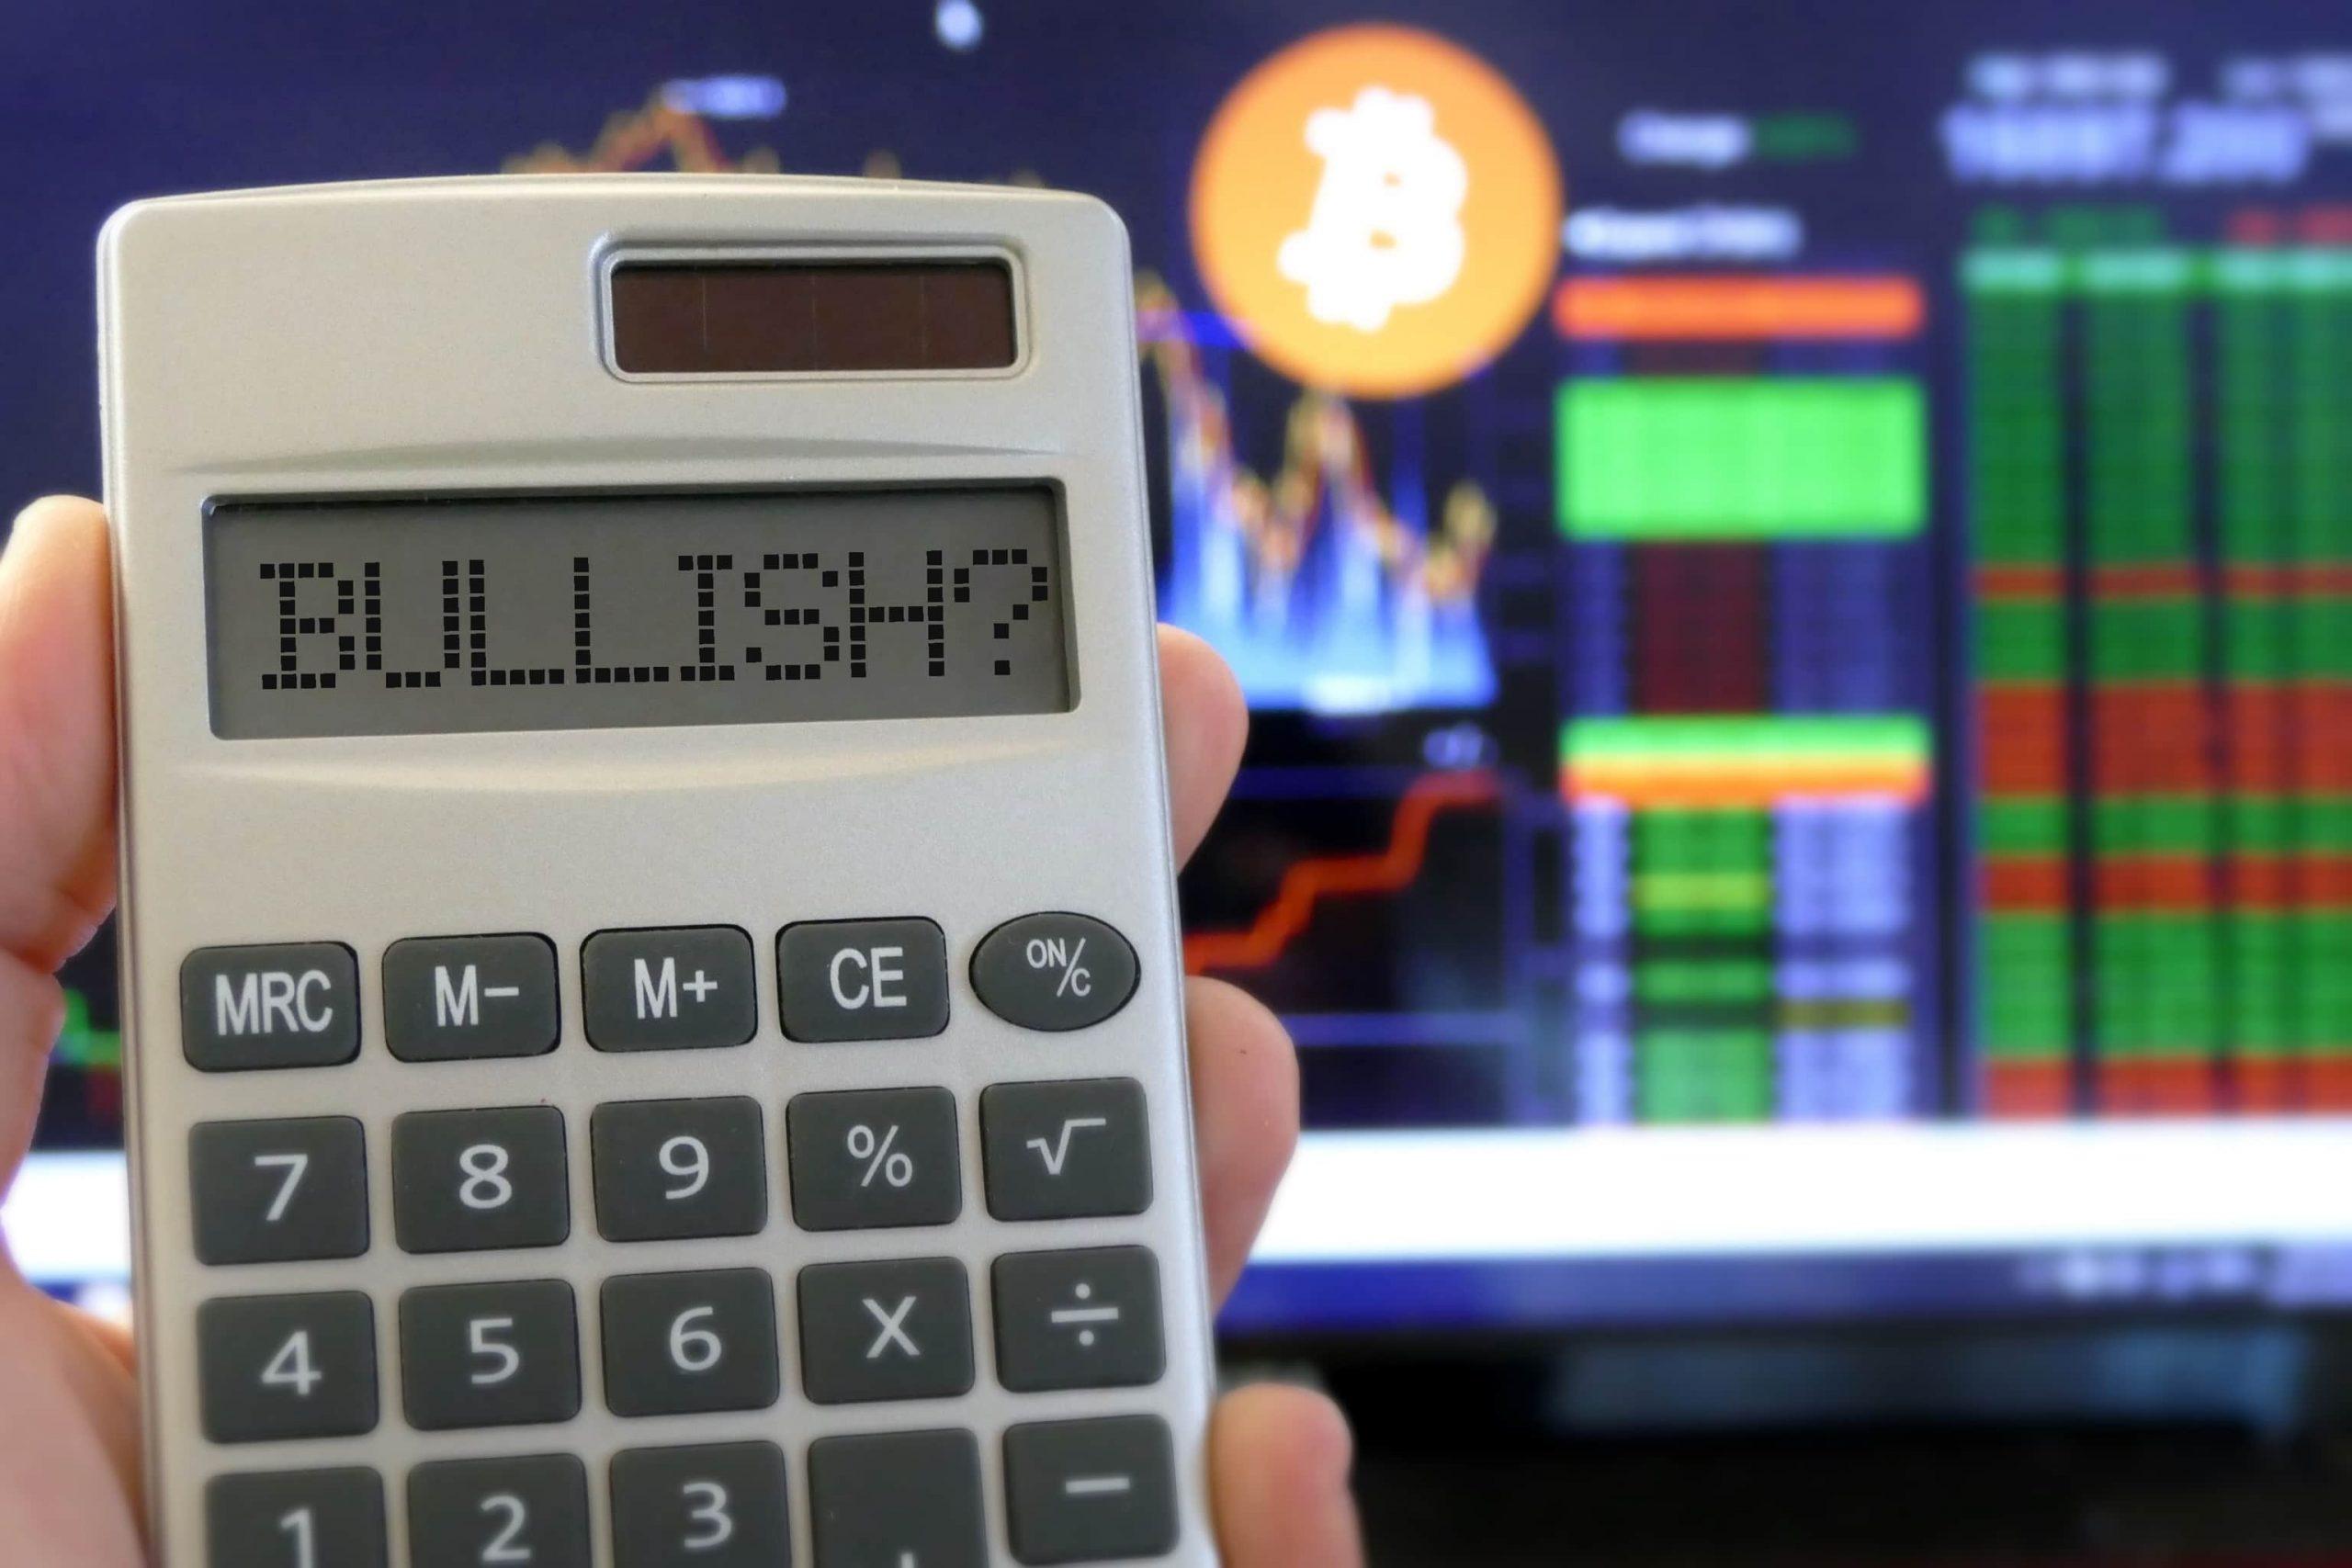 Taschenrechner mit Bullish Schriftzug und Bitcoin Chart im Hintergund